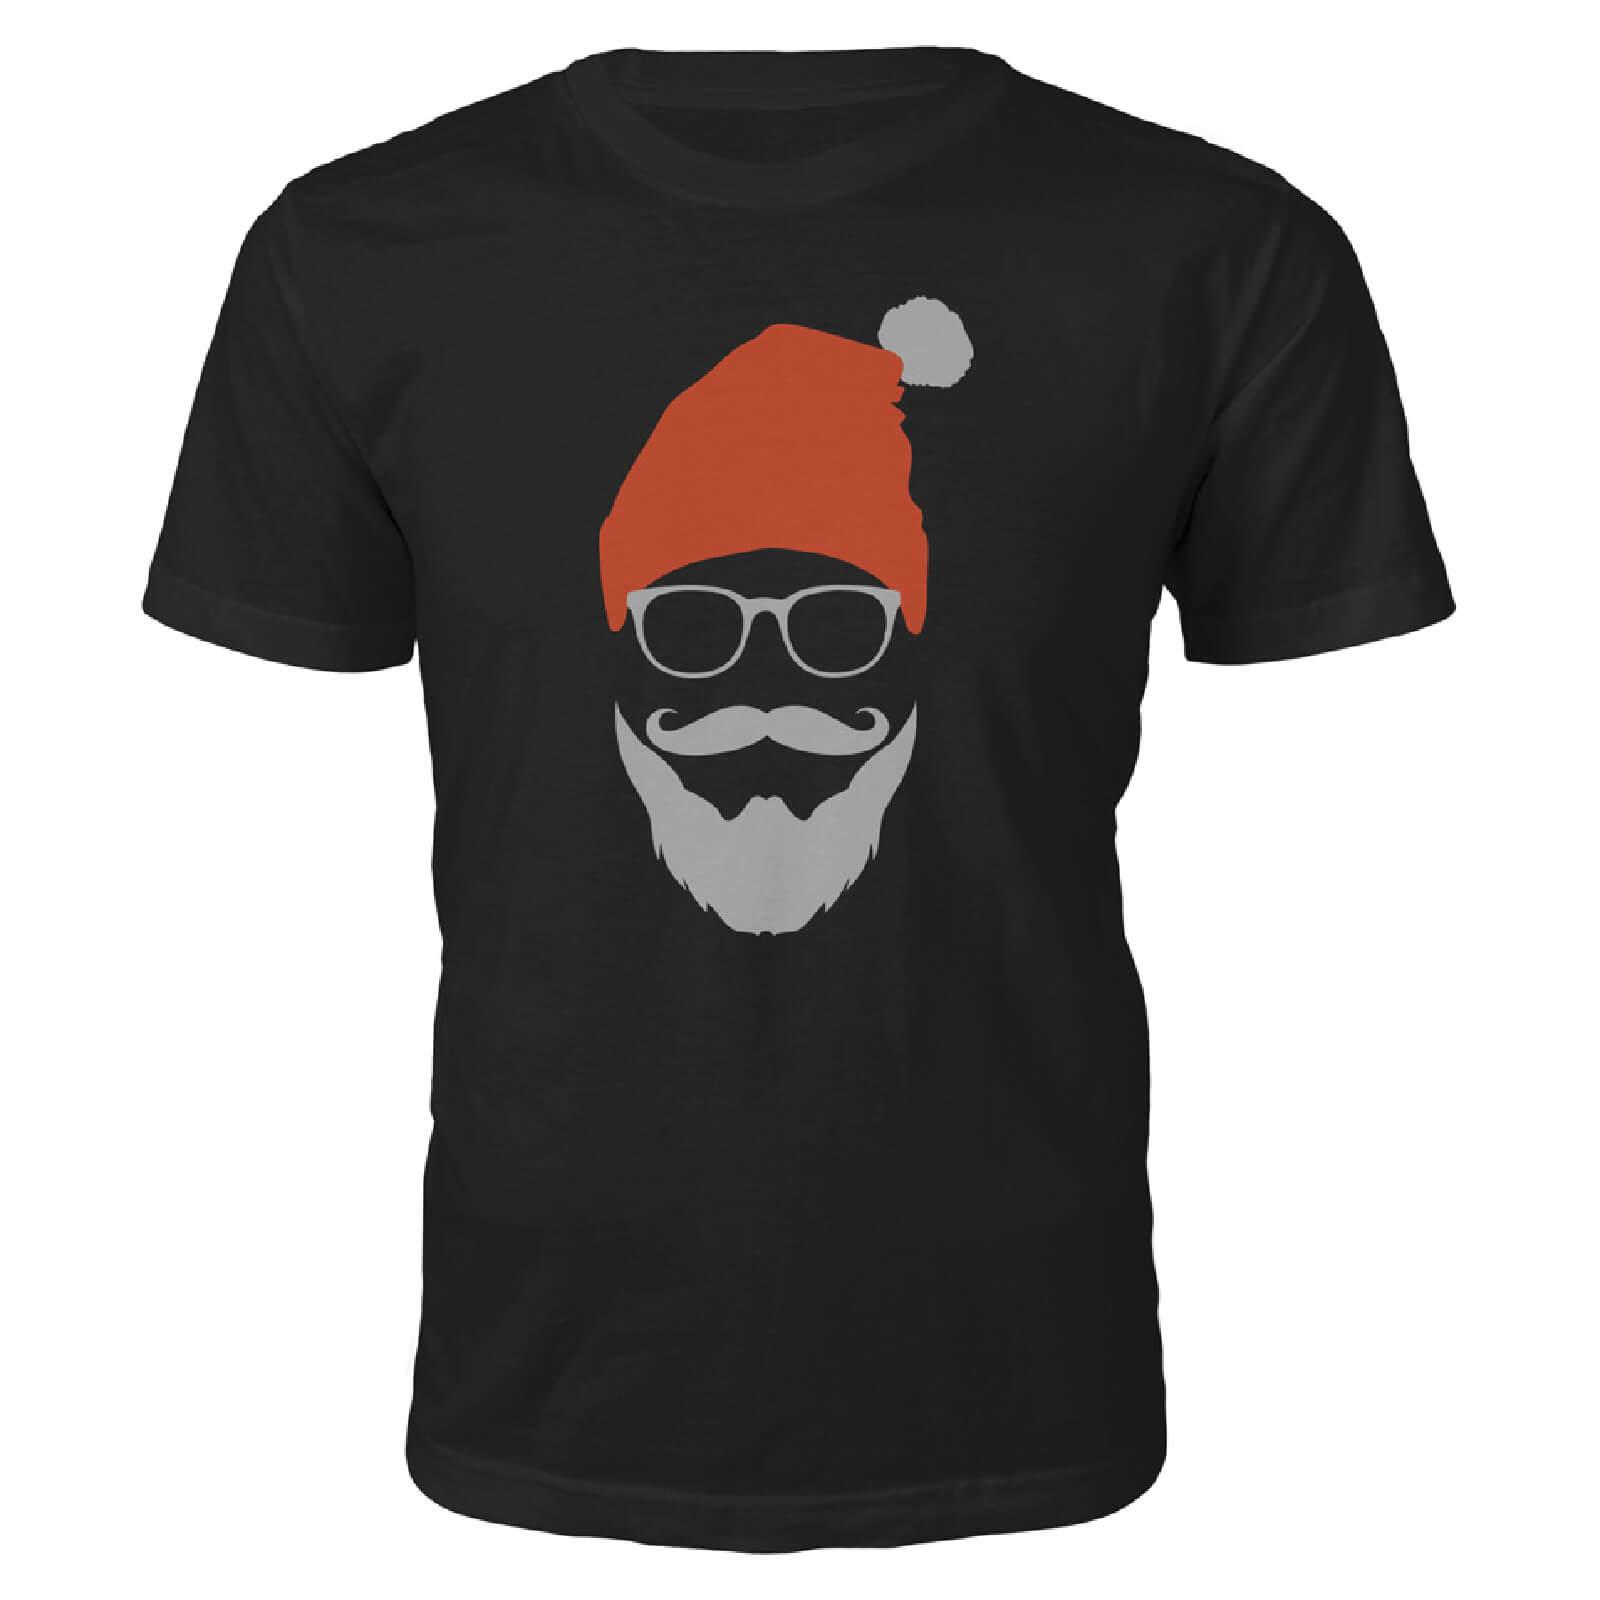 The Christmas Collection Cool Santa Christmas T-Shirt - Black - M - Black